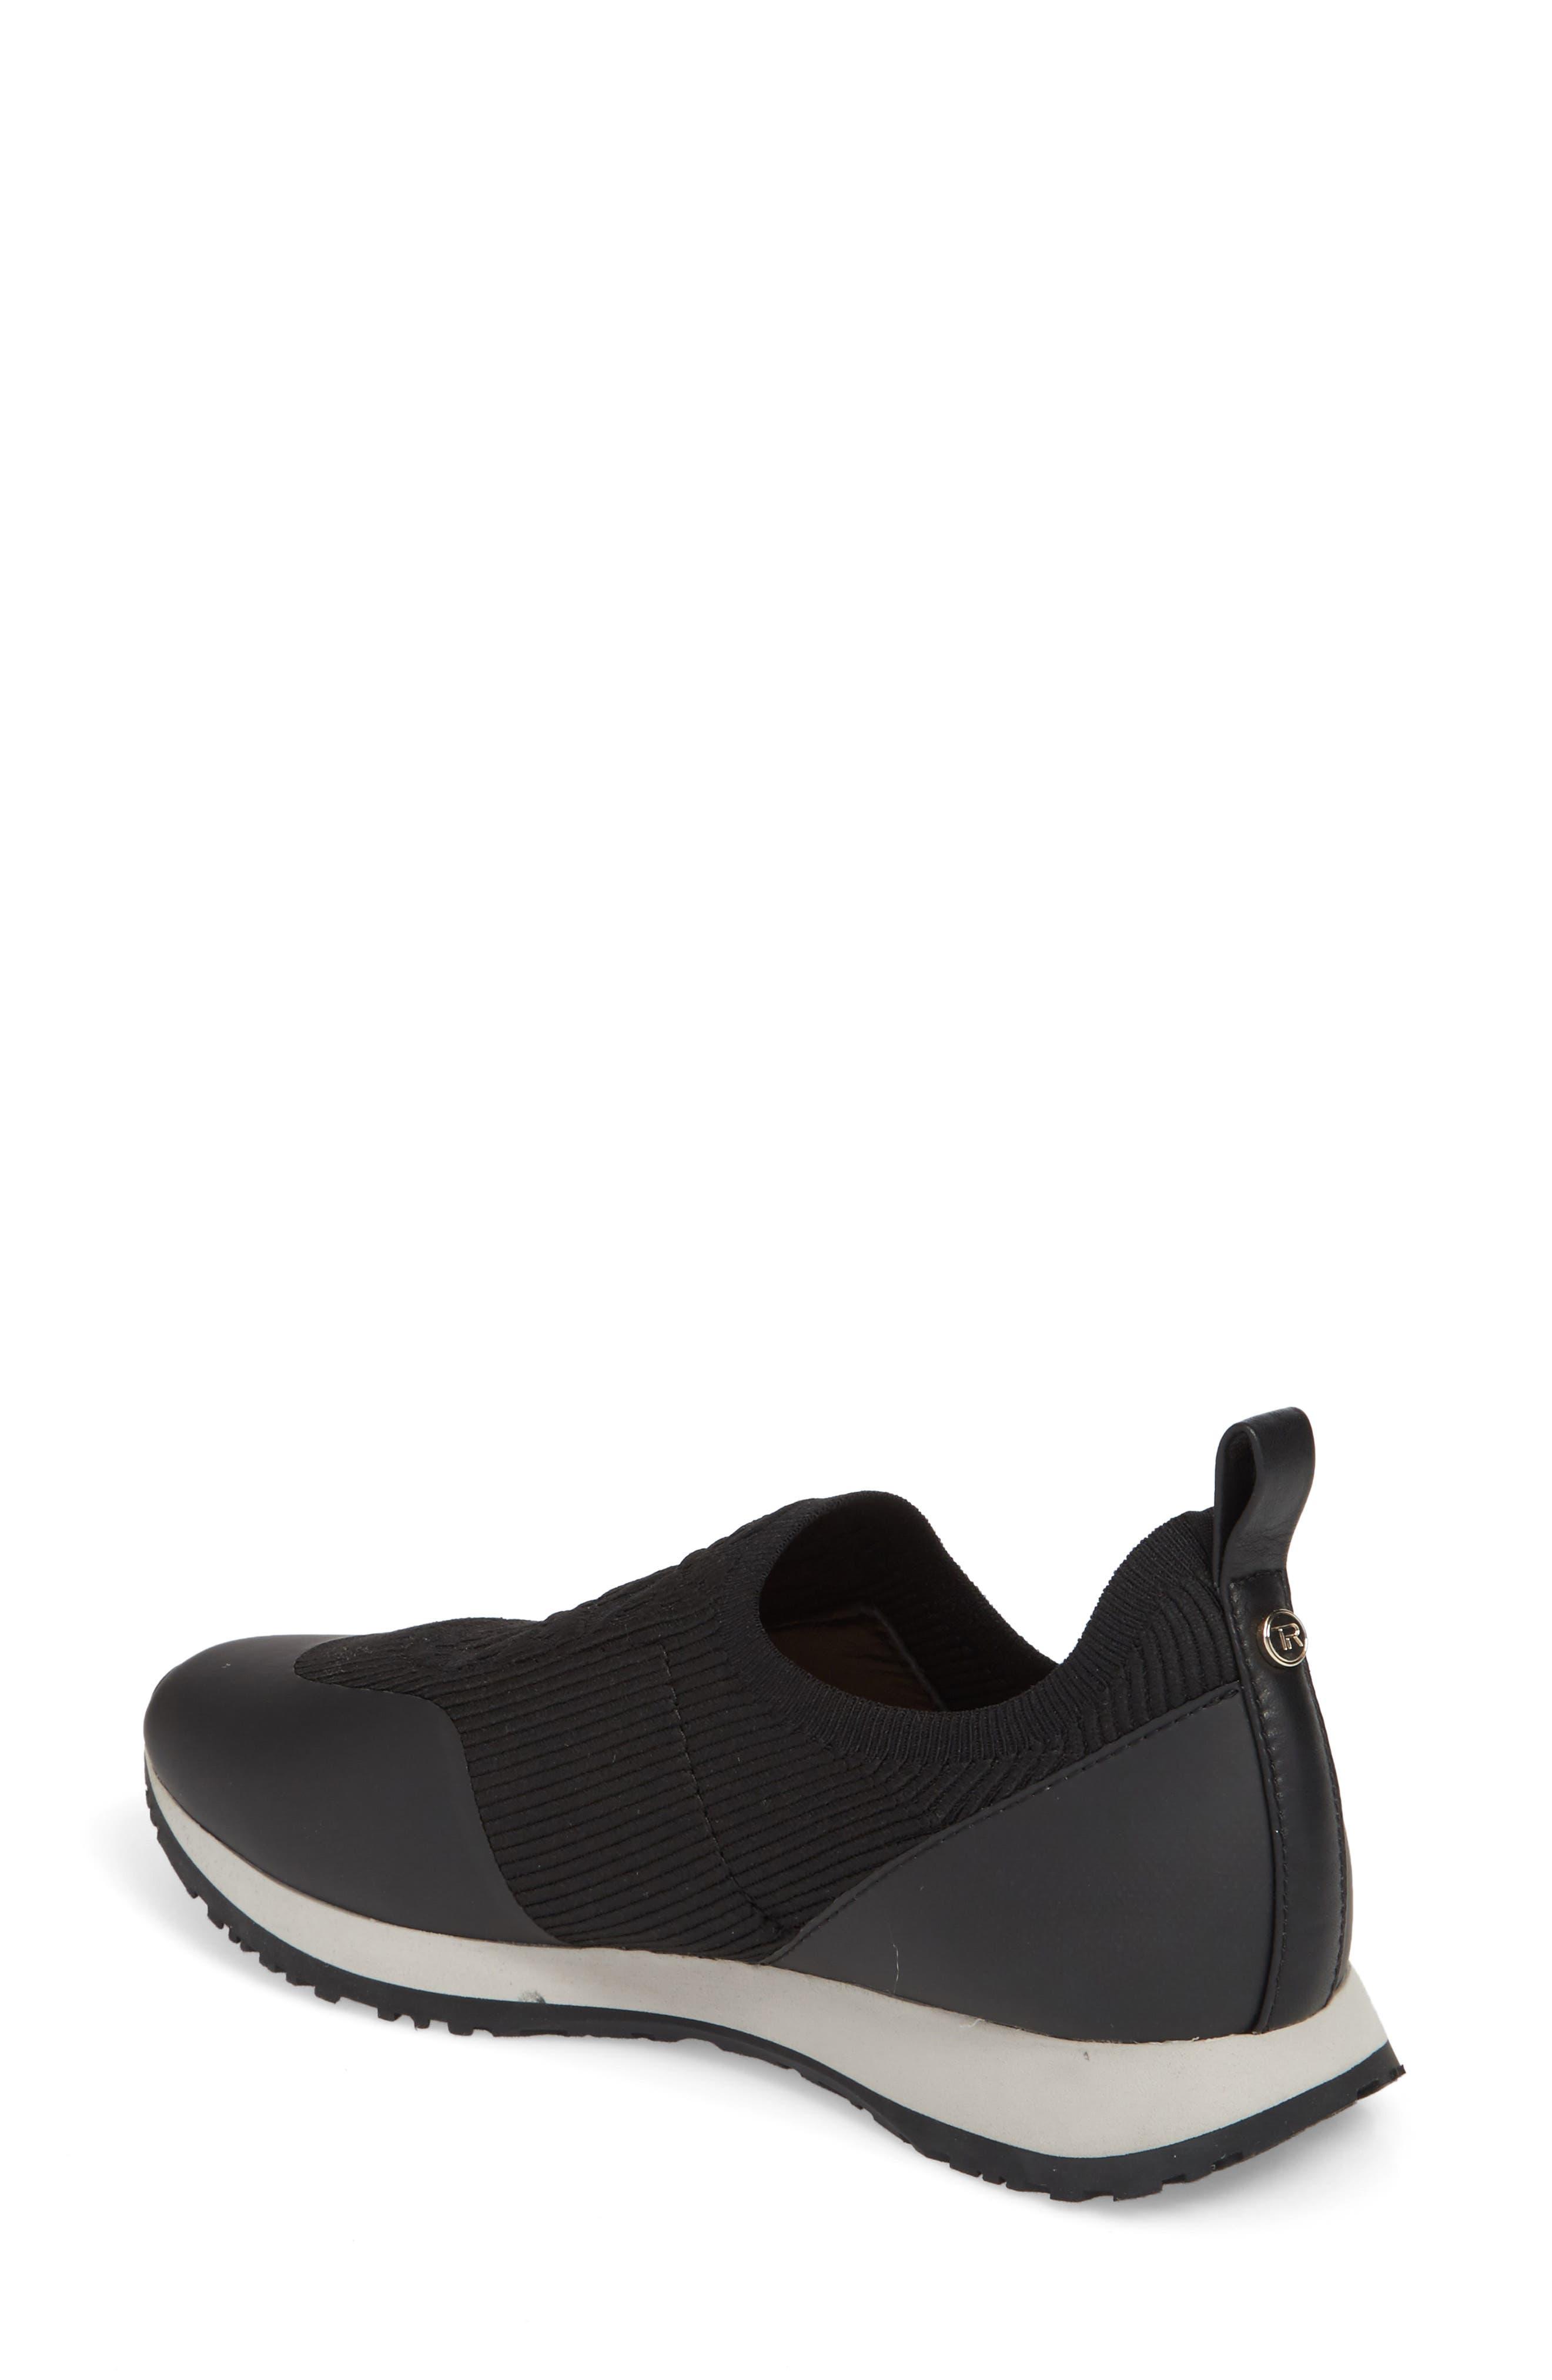 Cara Slip-On Sneaker,                             Alternate thumbnail 2, color,                             001